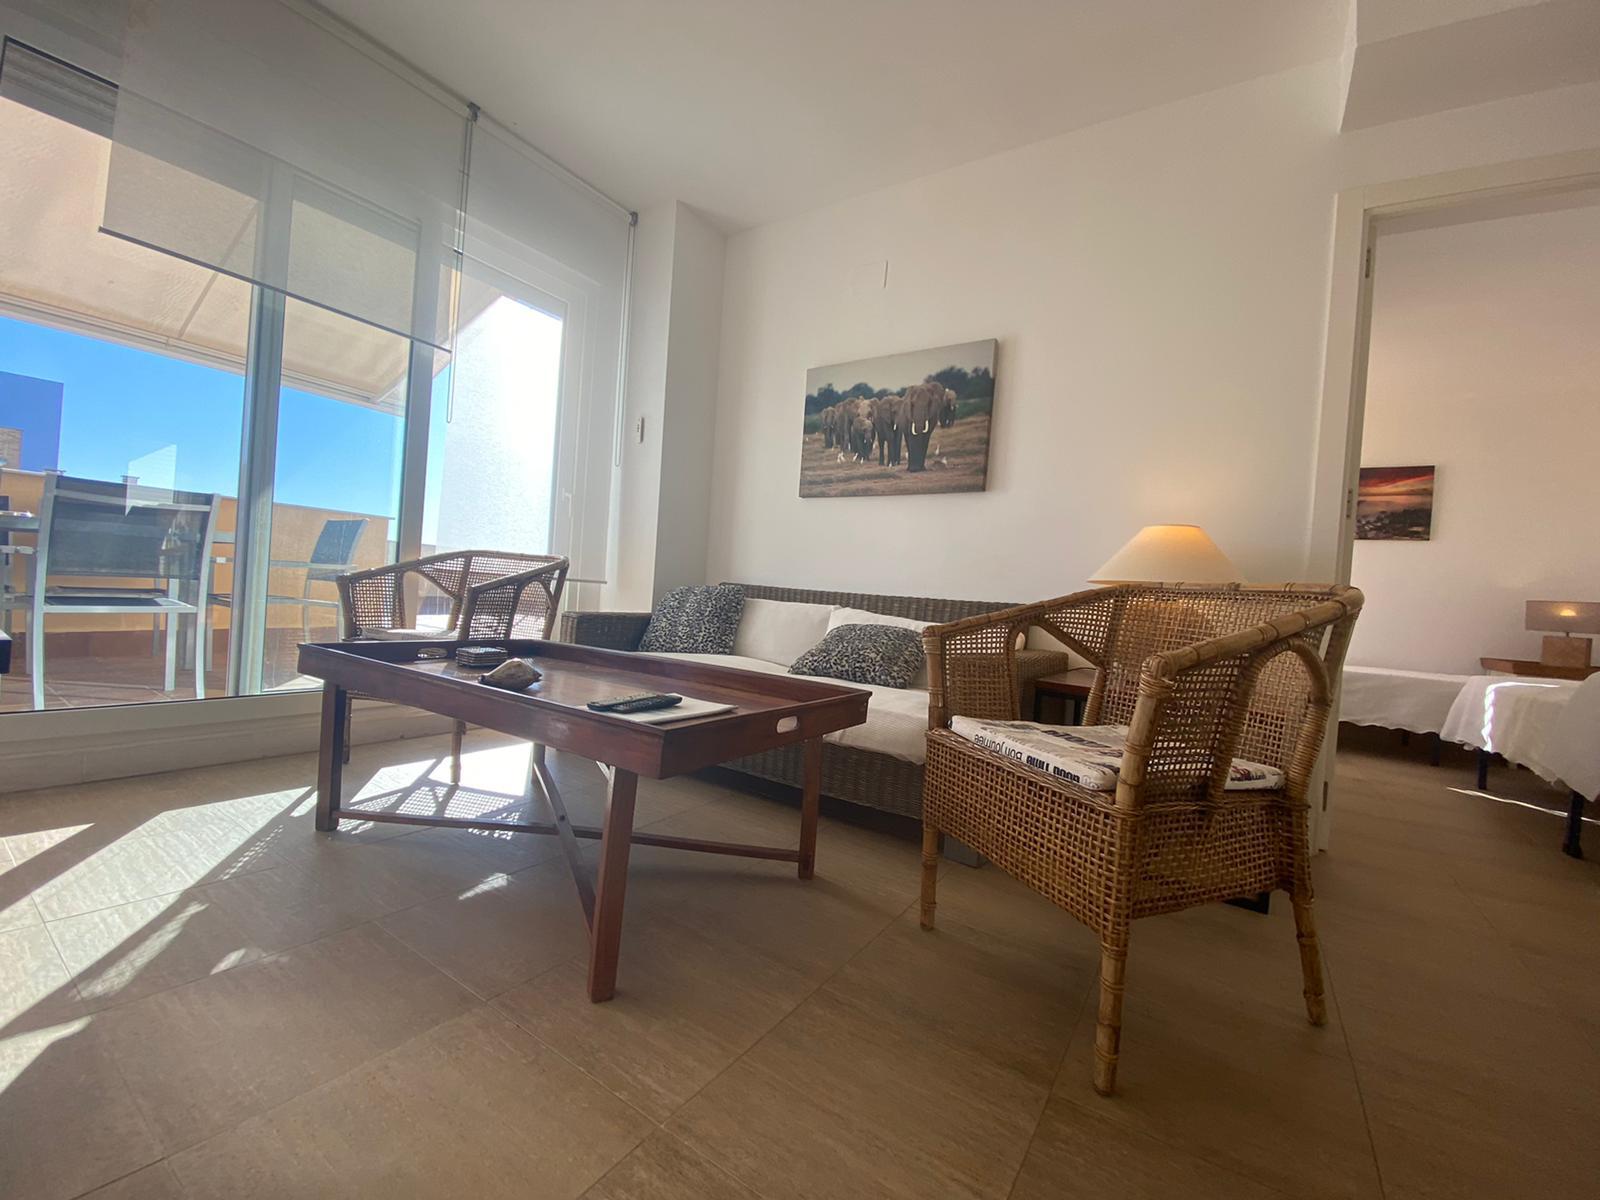 Imagen 6 del Apartamento Turístico, Ático 7 Levante (3d +2b), Punta del Moral (HUELVA), Paseo de la Cruz nº22